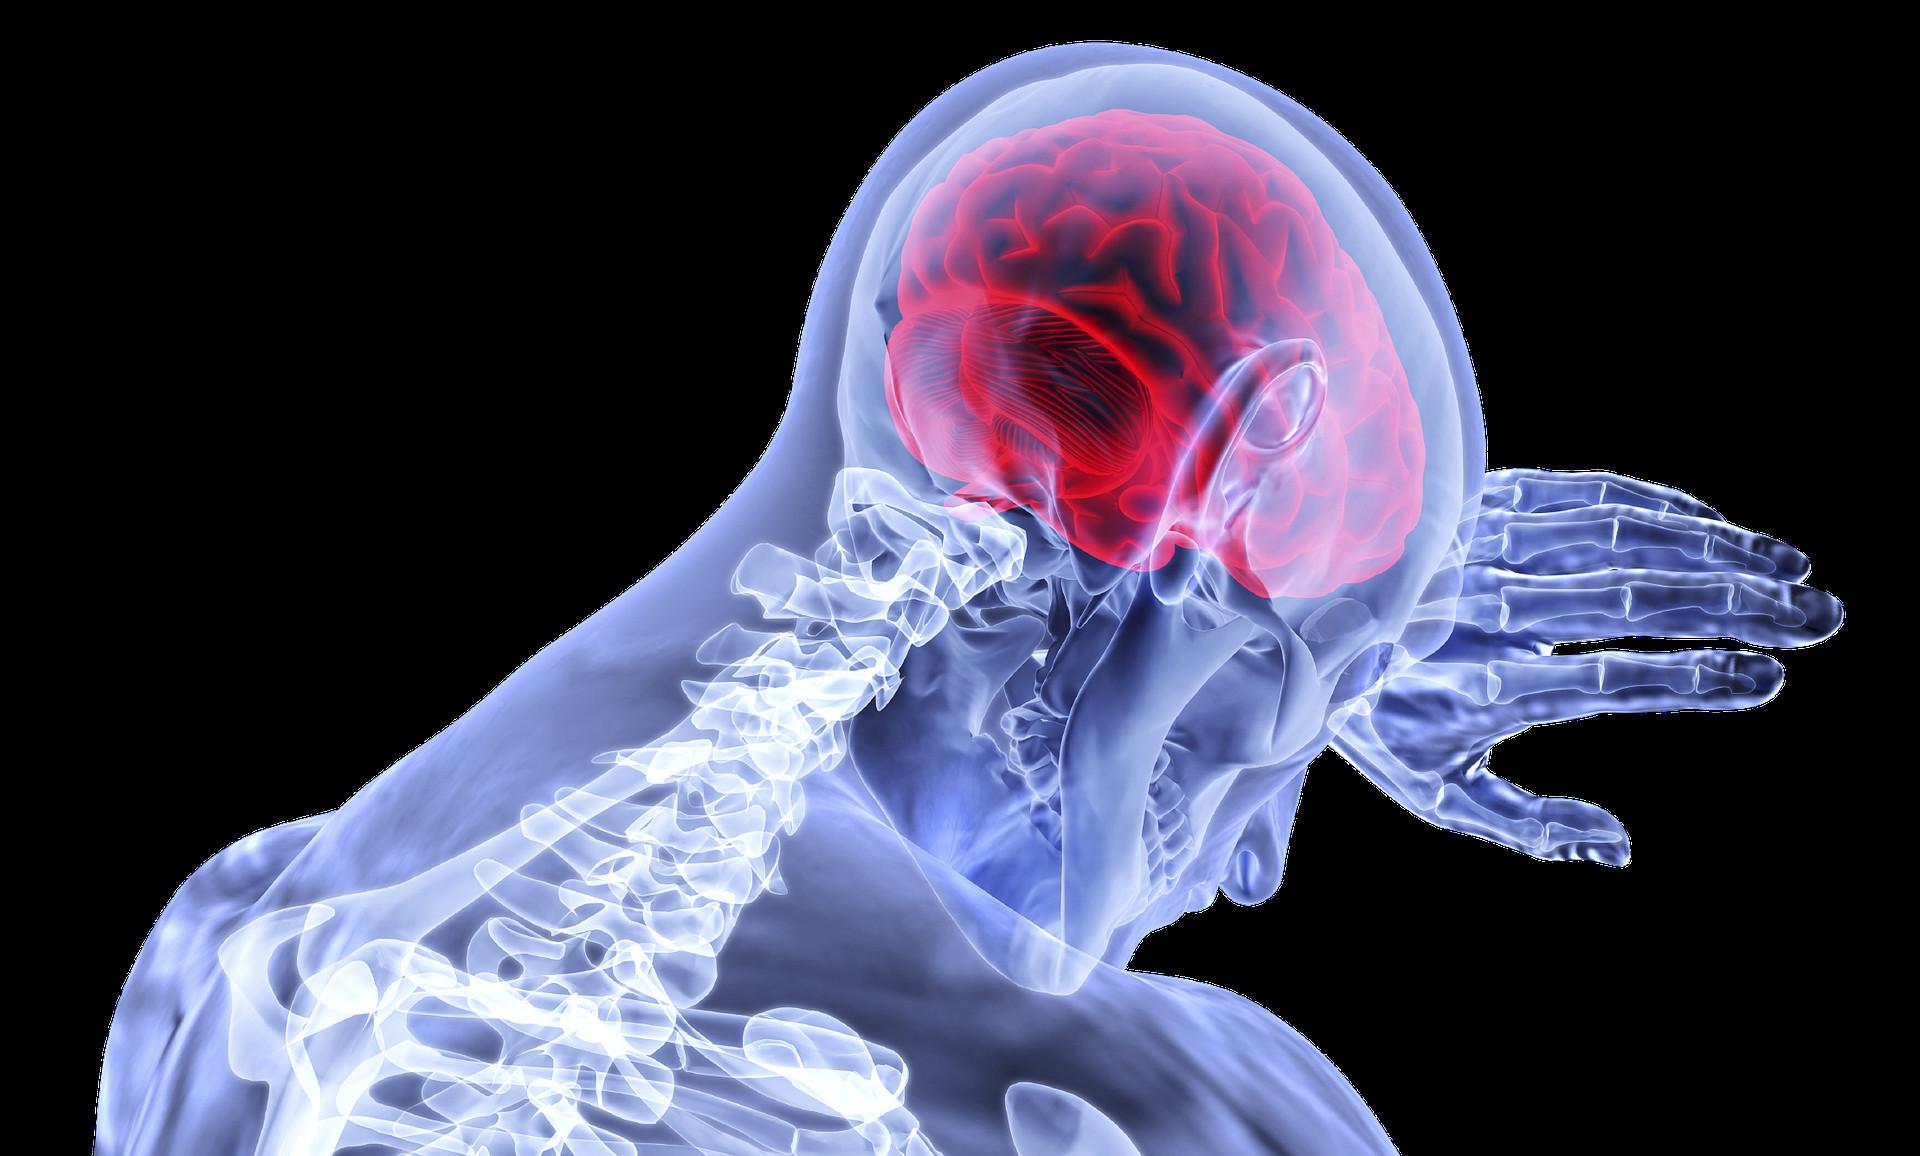 ▲人腦,頭痛,腦傷 。(圖/取自免費圖庫Pixabay)